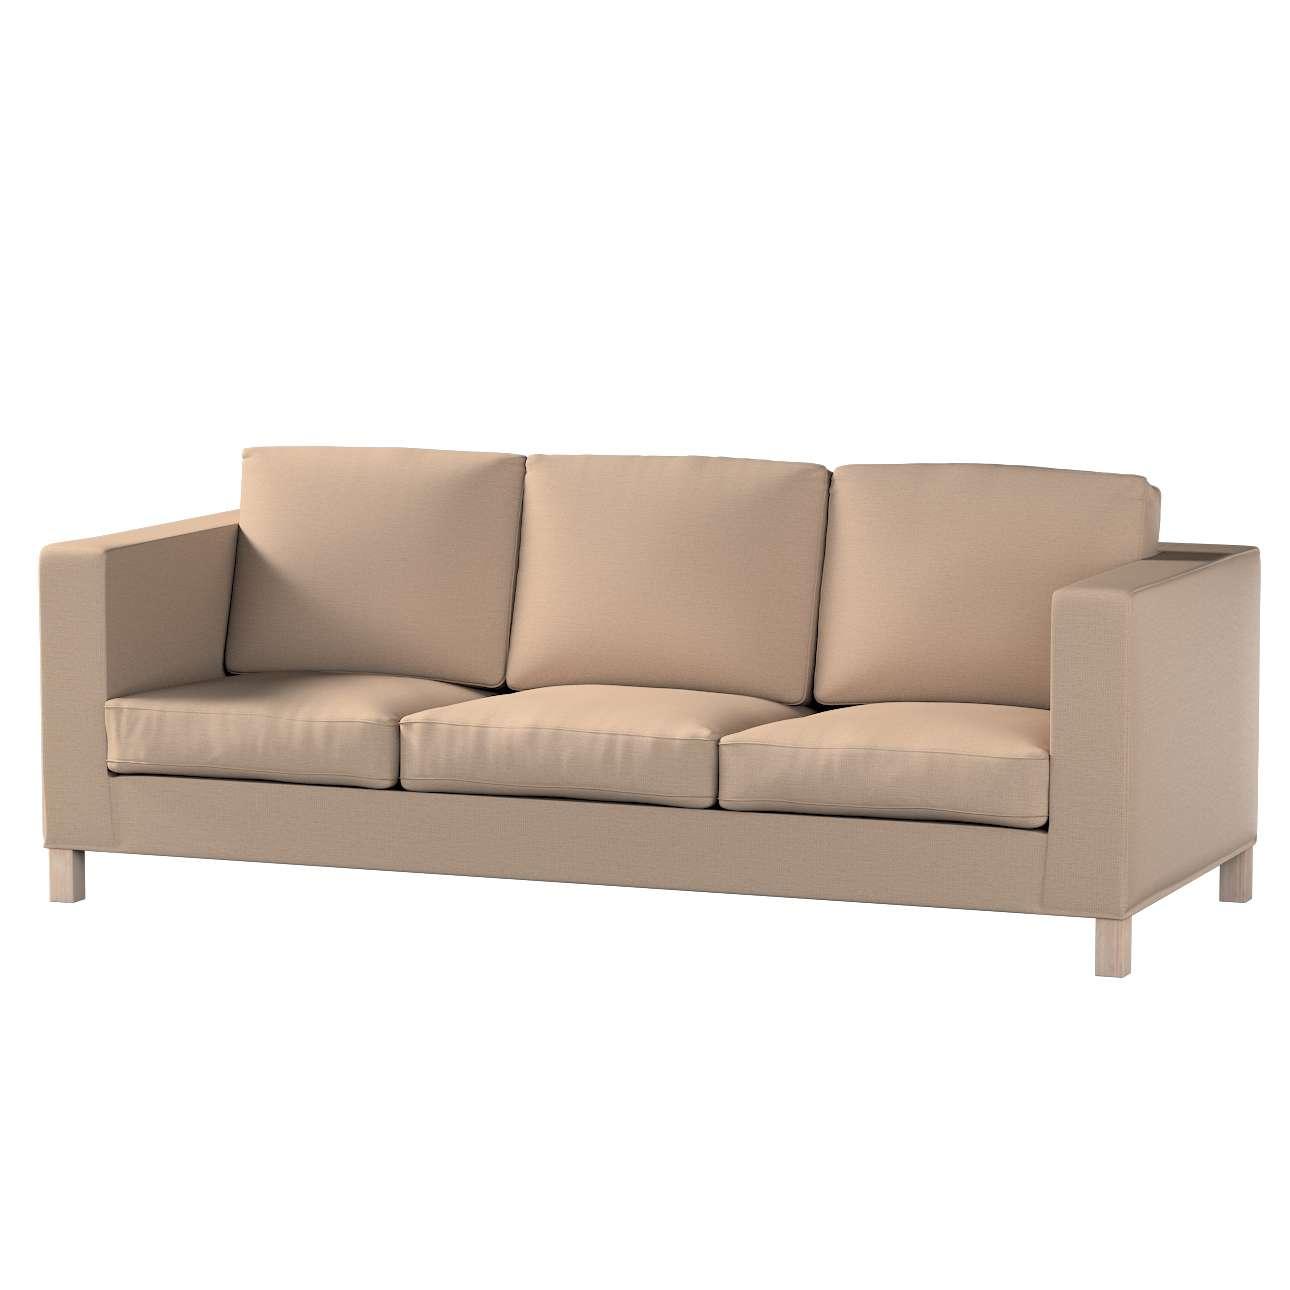 Bezug für Karlanda 3-Sitzer Sofa nicht ausklappbar, kurz von der Kollektion Bergen, Stoff: 161-75